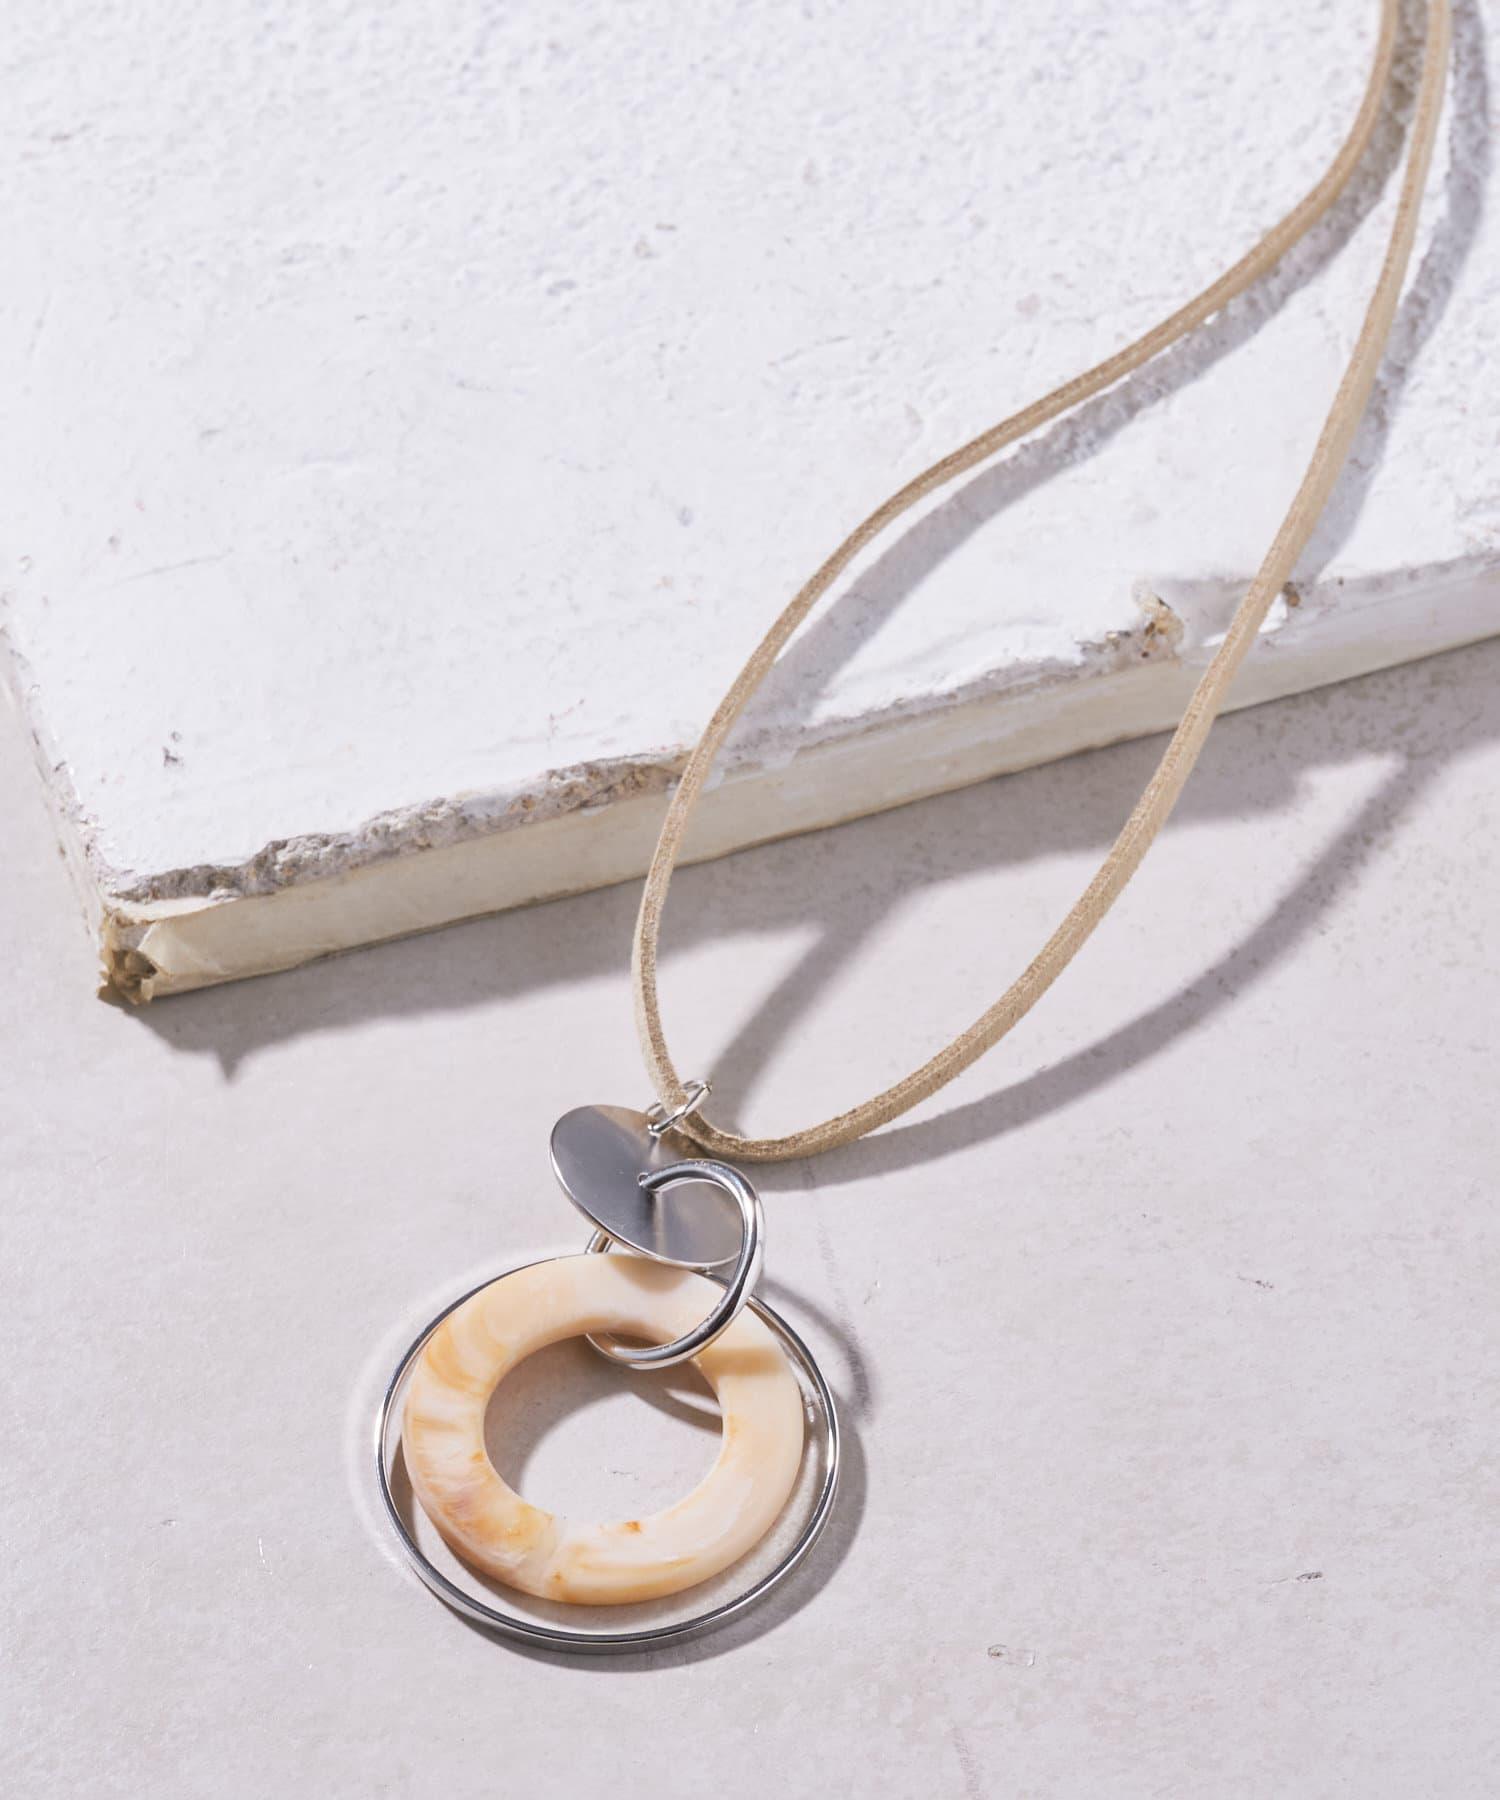 Pal collection(パルコレクション) レディース 【ネックレス】重ねリングネックレス アイボリー